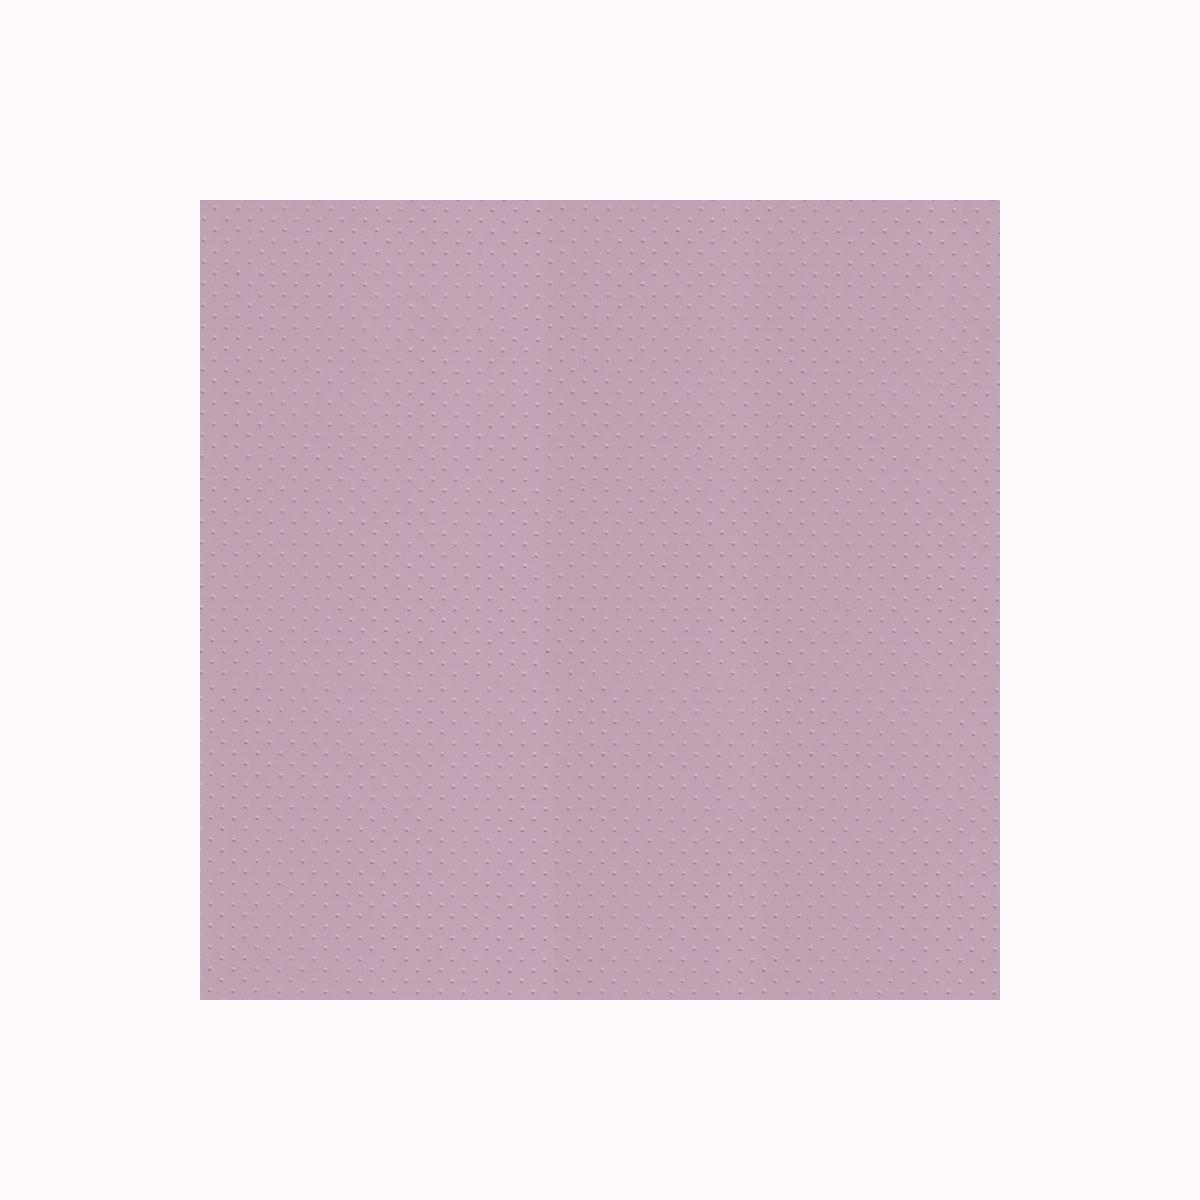 Бумага рельефная Лоза Точки, цвет: ярко-сиреневый, 3 листа498137_14 ярко-сиреневыйРельефная бумага для скрапбукинга Лоза Точки позволит создать красивый альбом, фоторамку или открытку ручной работы, оформить подарок или аппликацию. Набор включает в себя 3 листа из плотной бумаги. Скрапбукинг - это хобби, которое способно приносить массу приятных эмоций не только человеку, который этим занимается, но и его близким, друзьям, родным. Это невероятно увлекательное занятие, которое поможет вам сохранить наиболее памятные и яркие моменты вашей жизни, а также интересно оформить интерьер дома. Плотность бумаги: 200 г/м2.